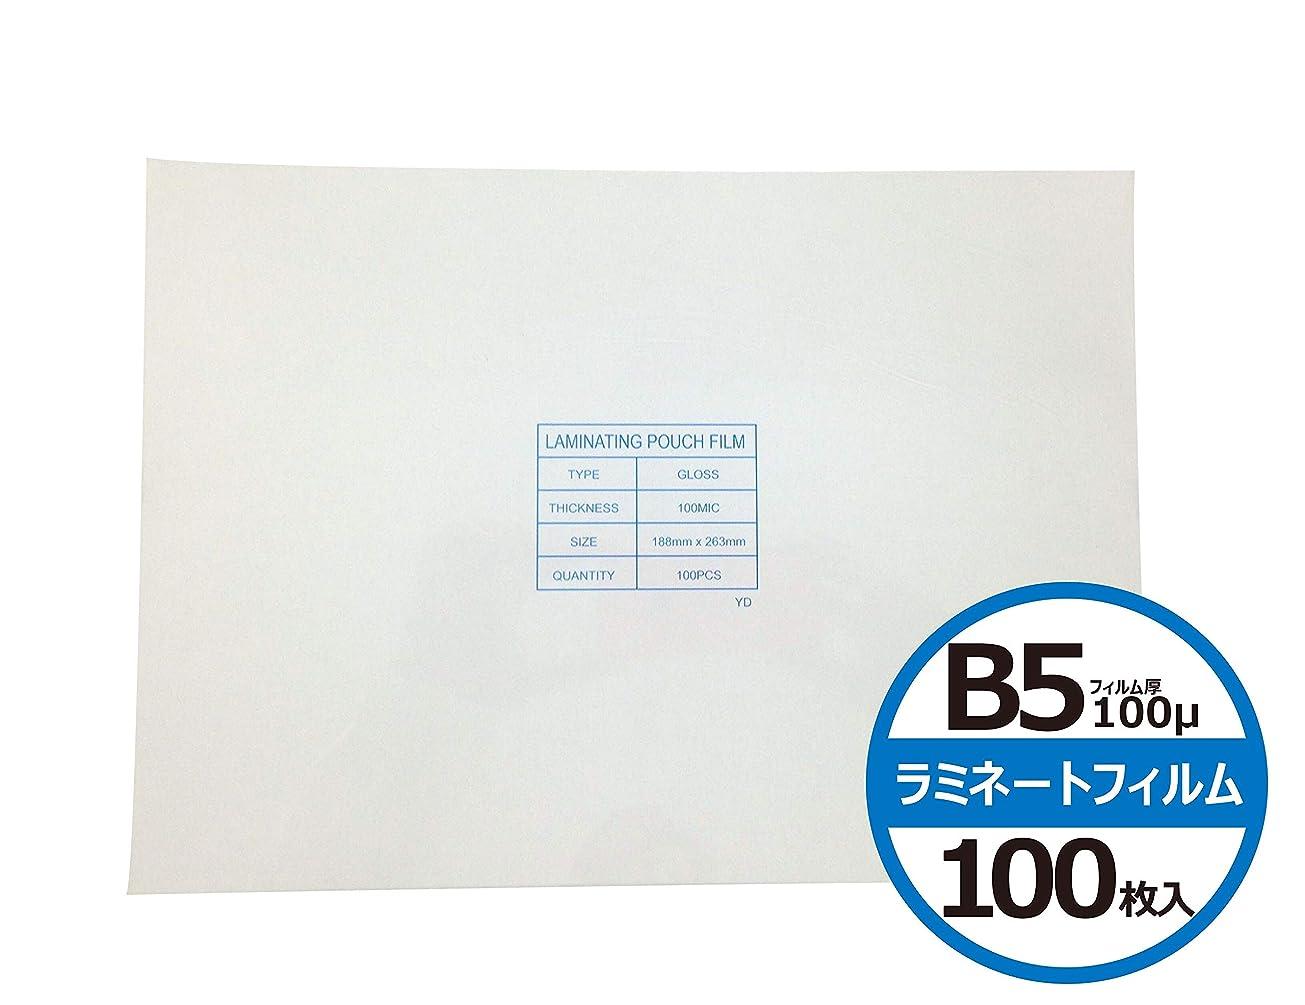 組み込むレキシコン読書をするラミネートフィルム B5 100枚 100ミクロン